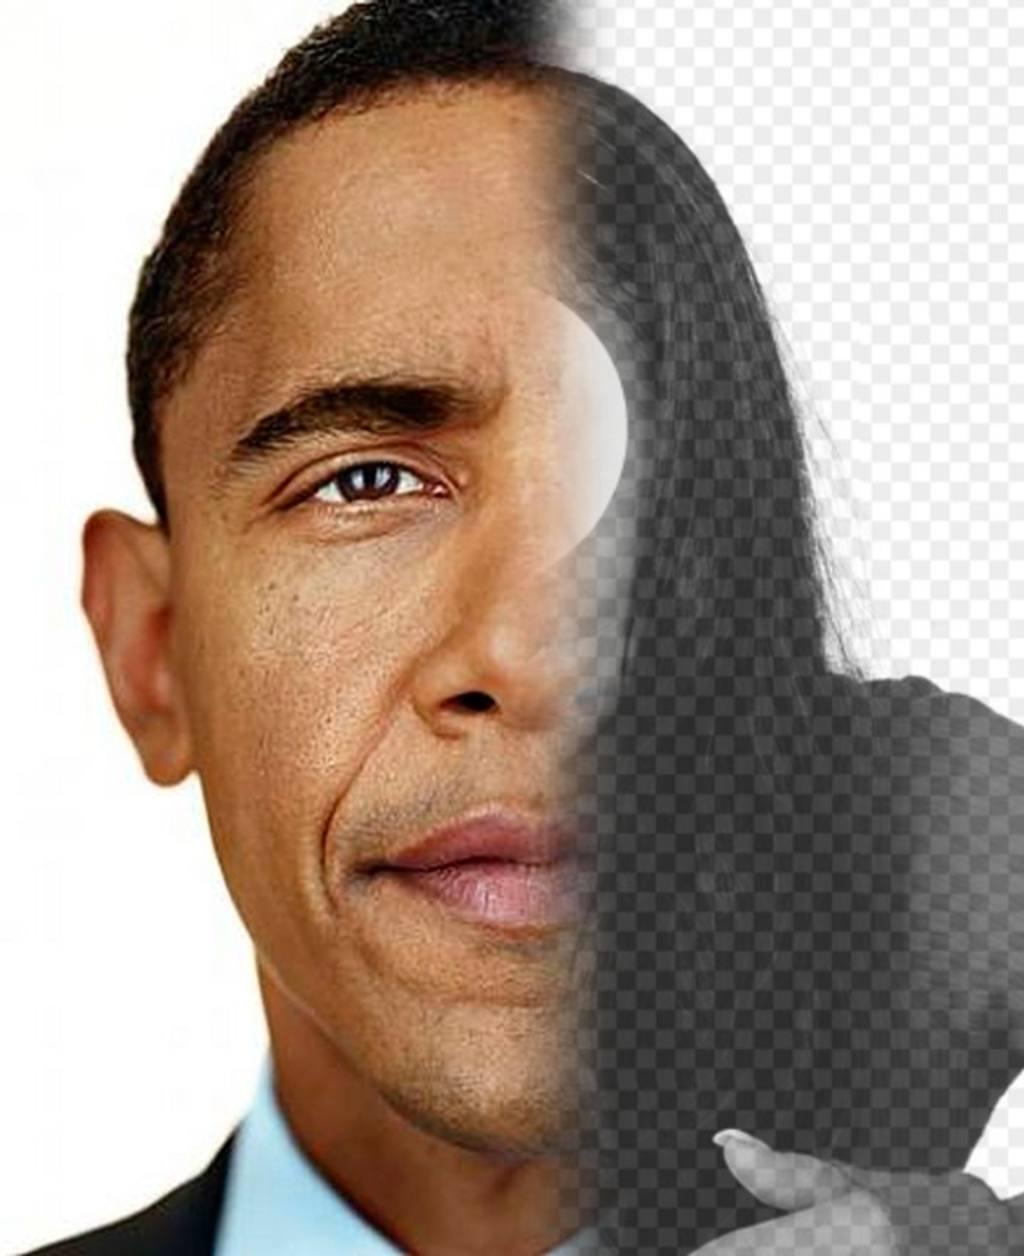 Crea un fotomontaje con la cara del Presidente Obama mezclada con la mitad de tu cara